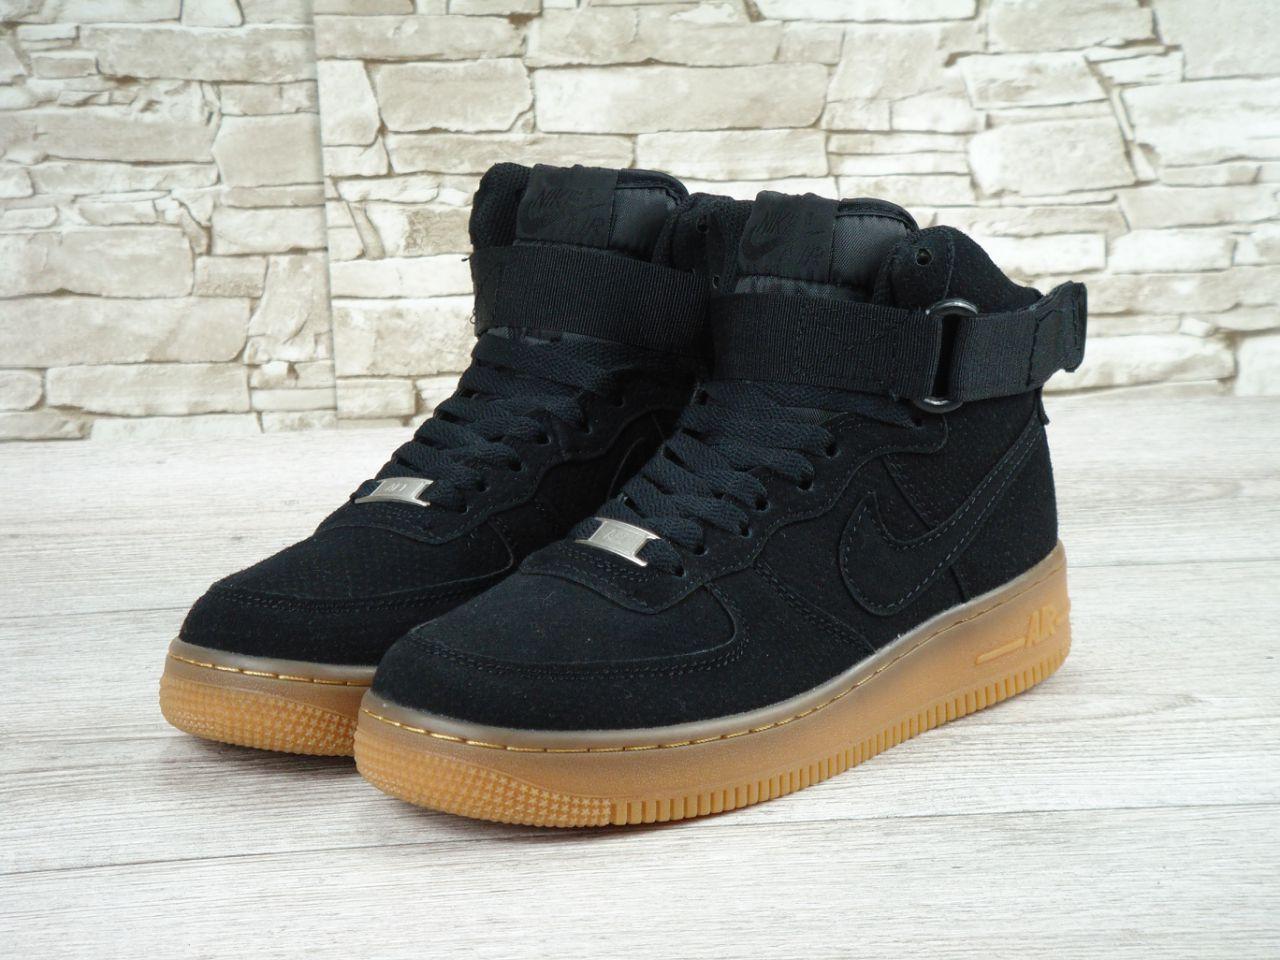 584c3b58 Кроссовки в стиле Nike Air Force High Suede Black Gum мужские - Интернет- магазин «